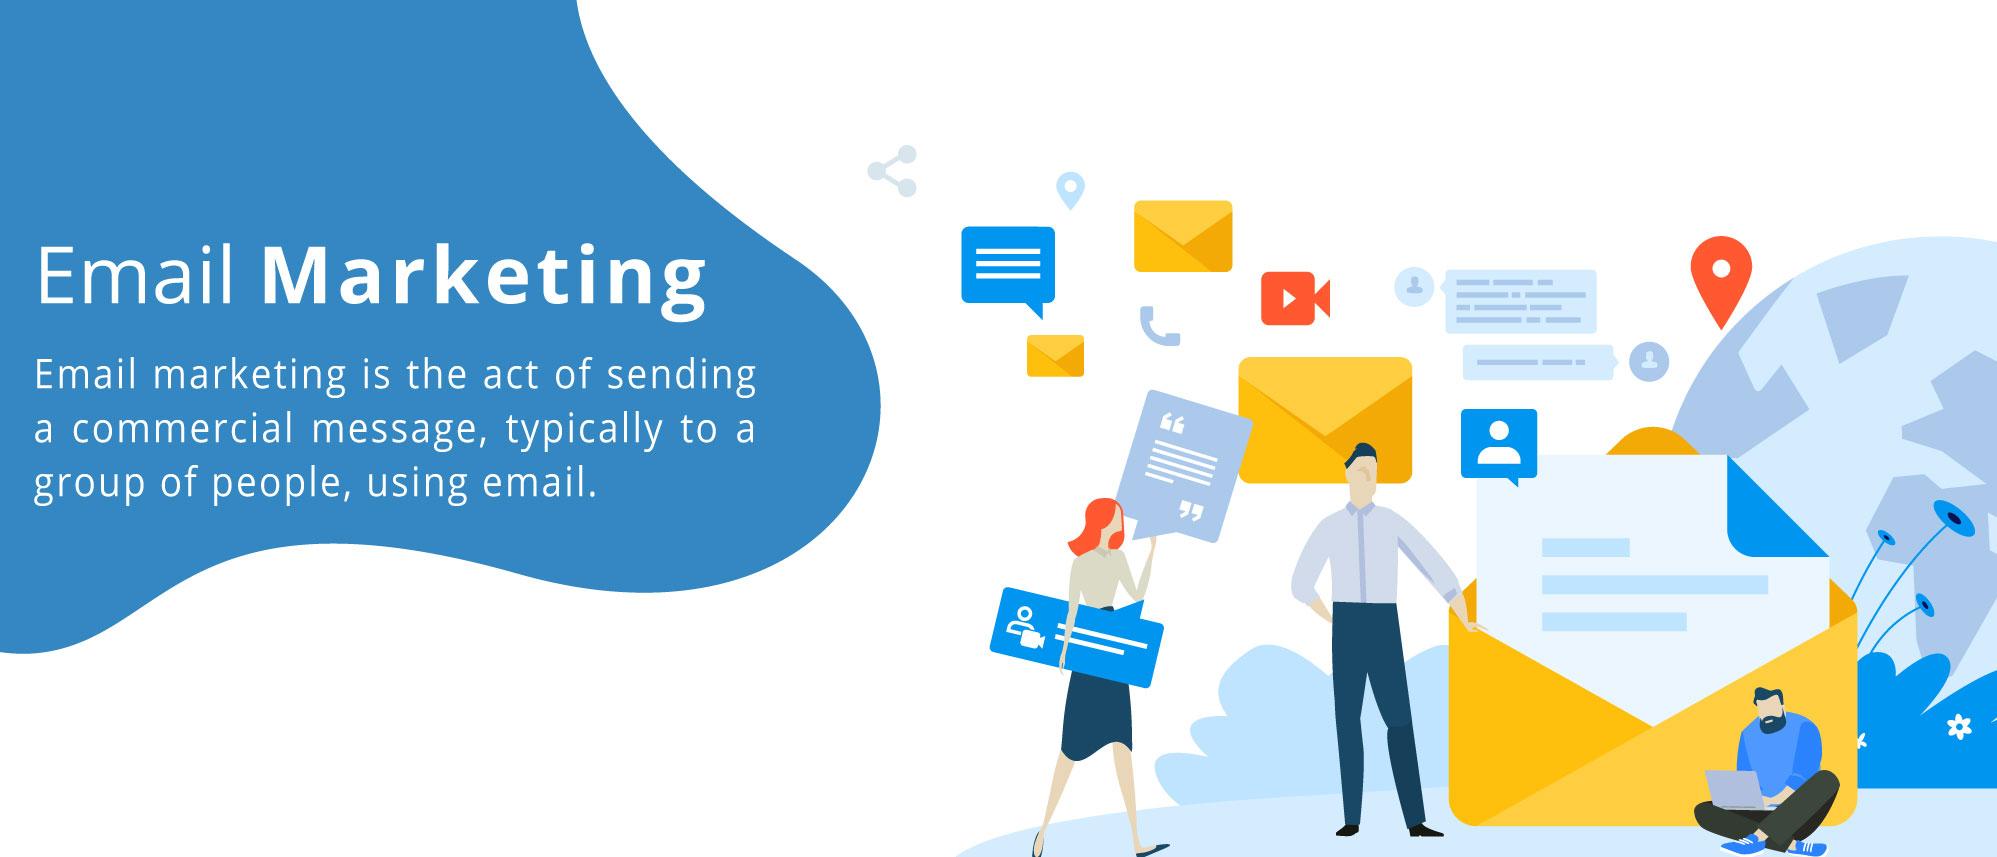 Email Marketing, Email Marketing Lebanon Beirut, Email Marketing In Lebanon Beirut